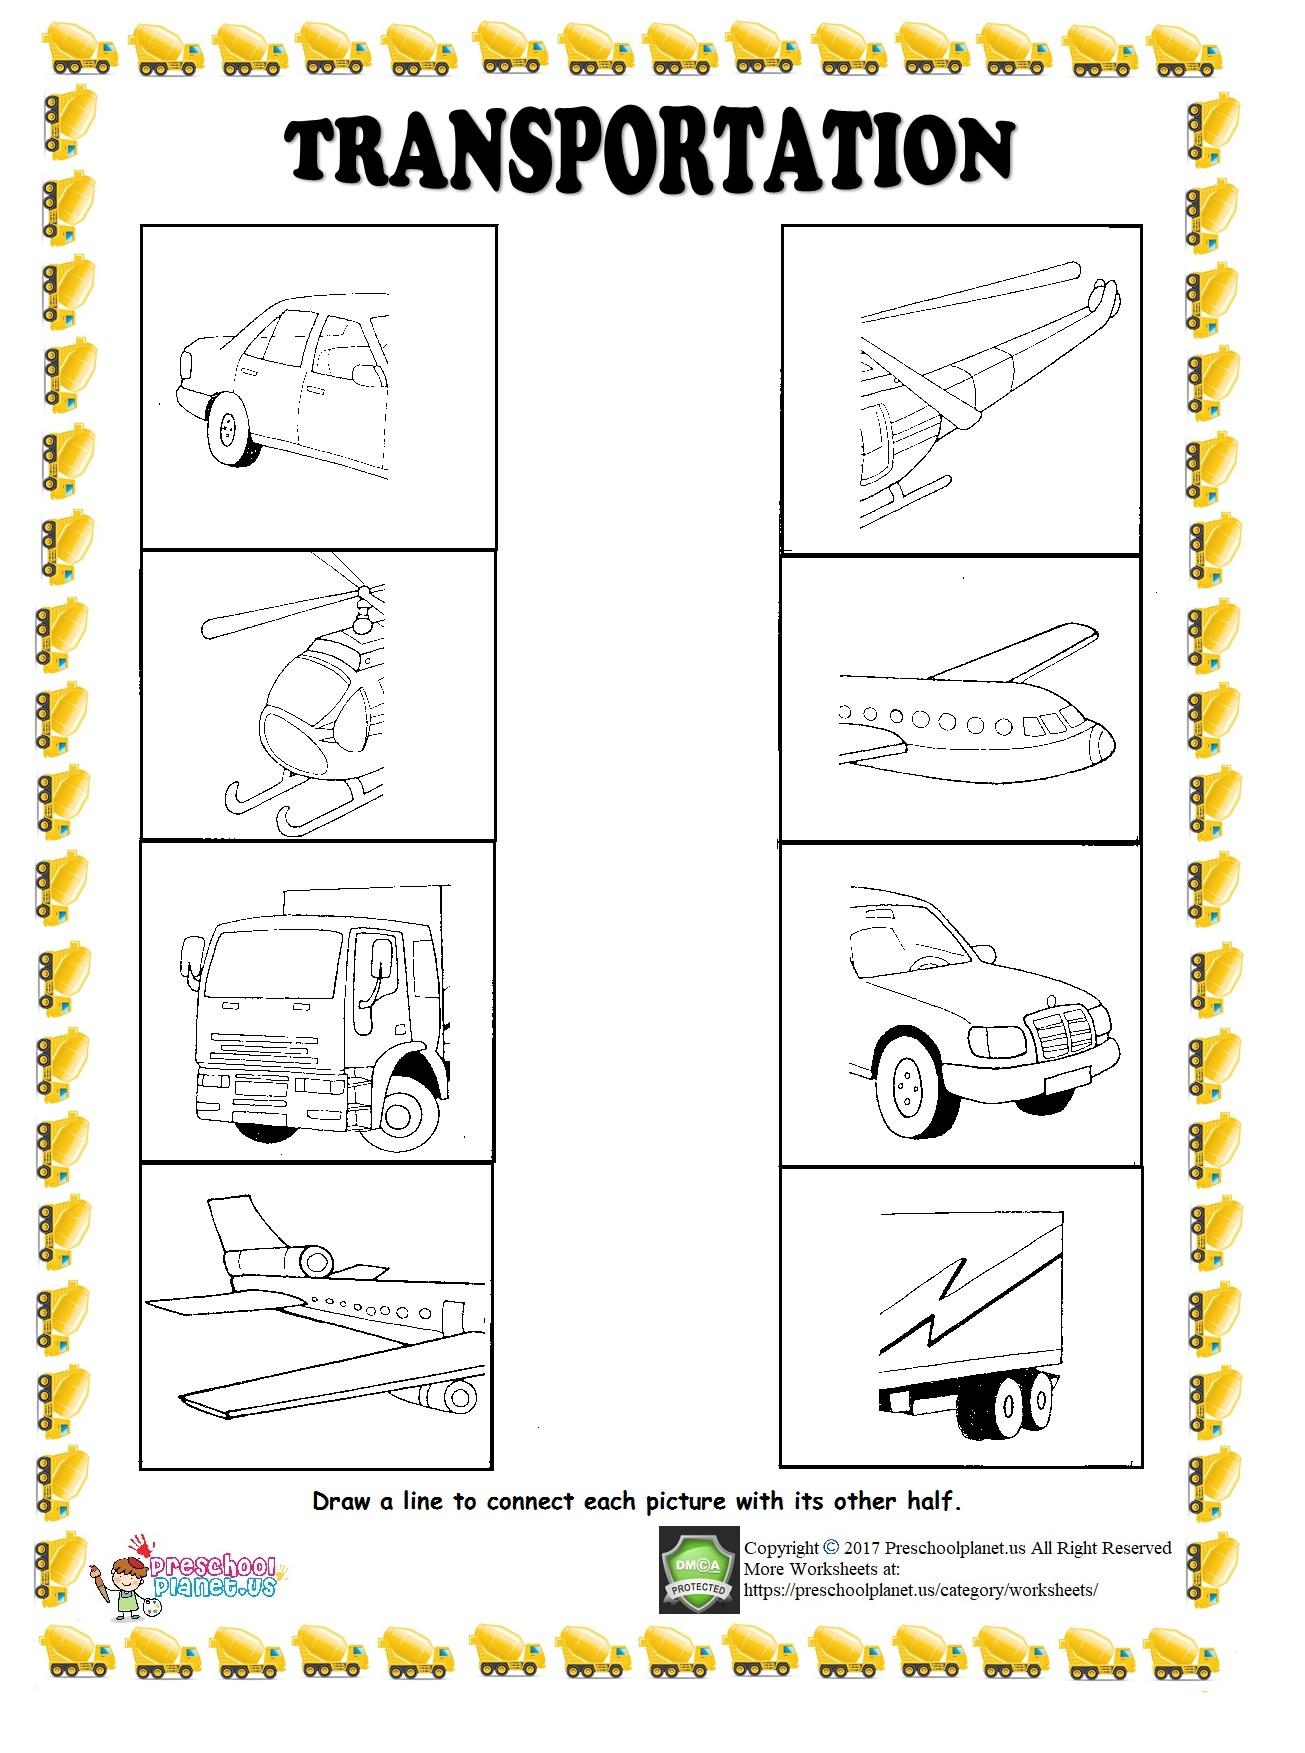 Shape Matching Worksheet Preschoolplanet